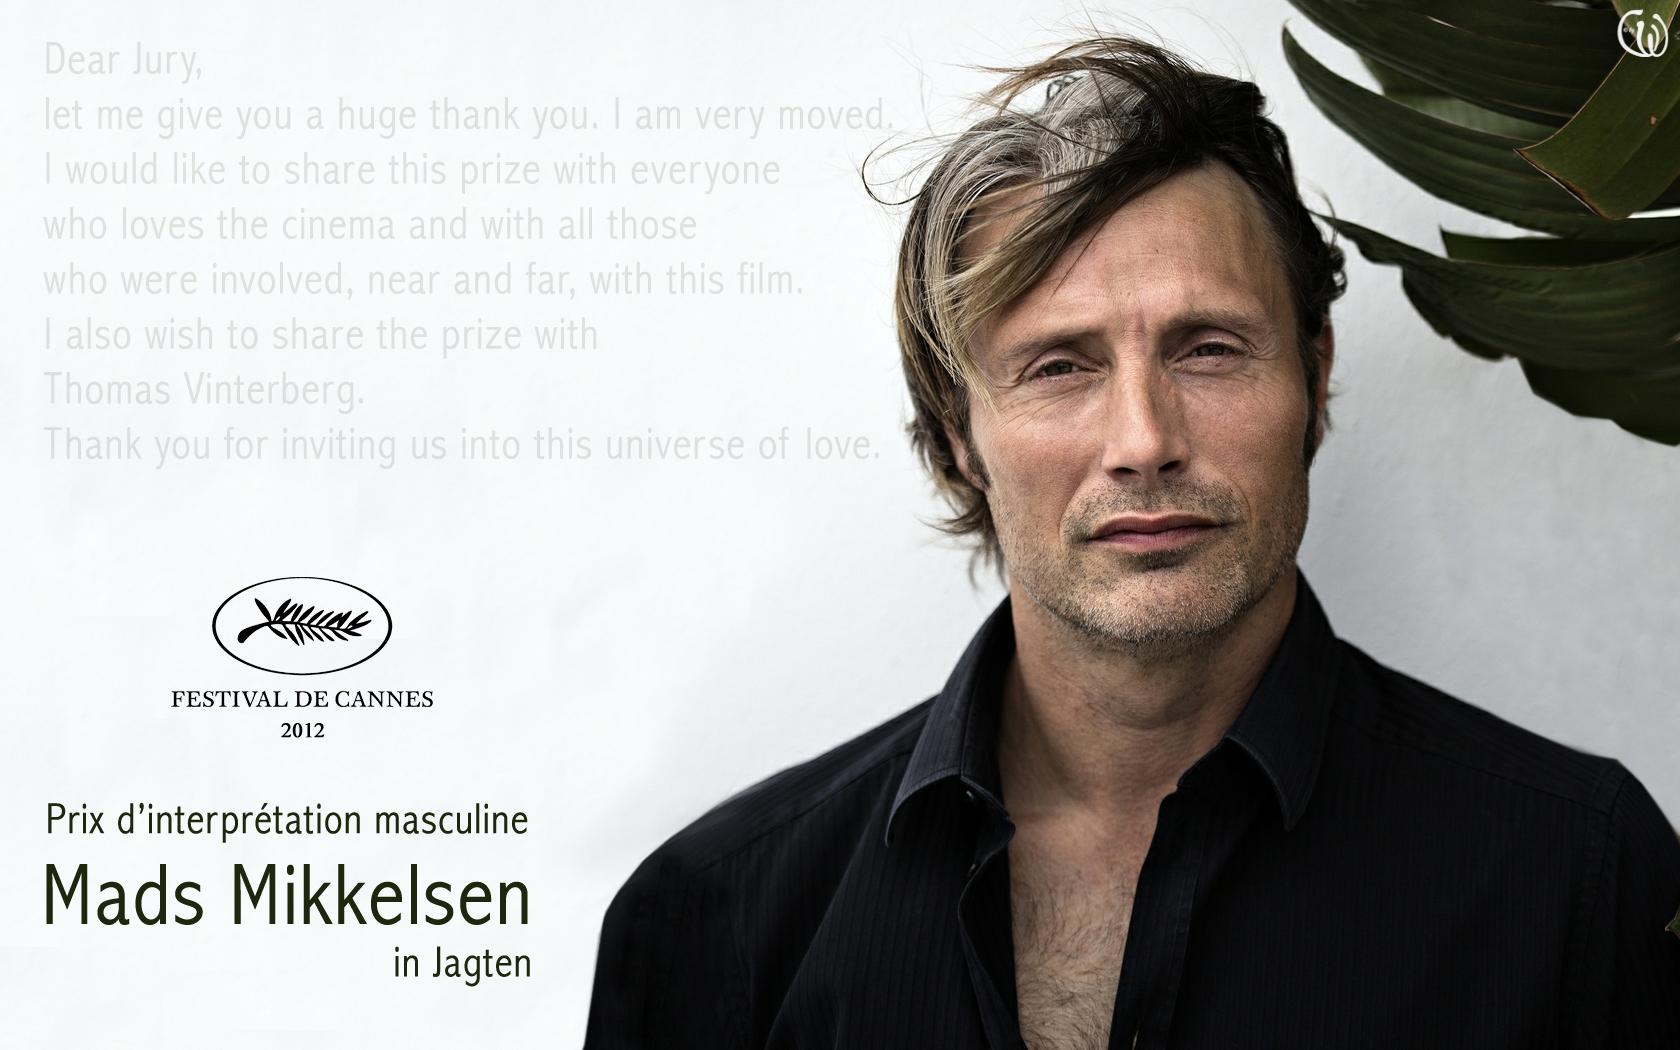 Mads Mikkelsen winner in Cannes